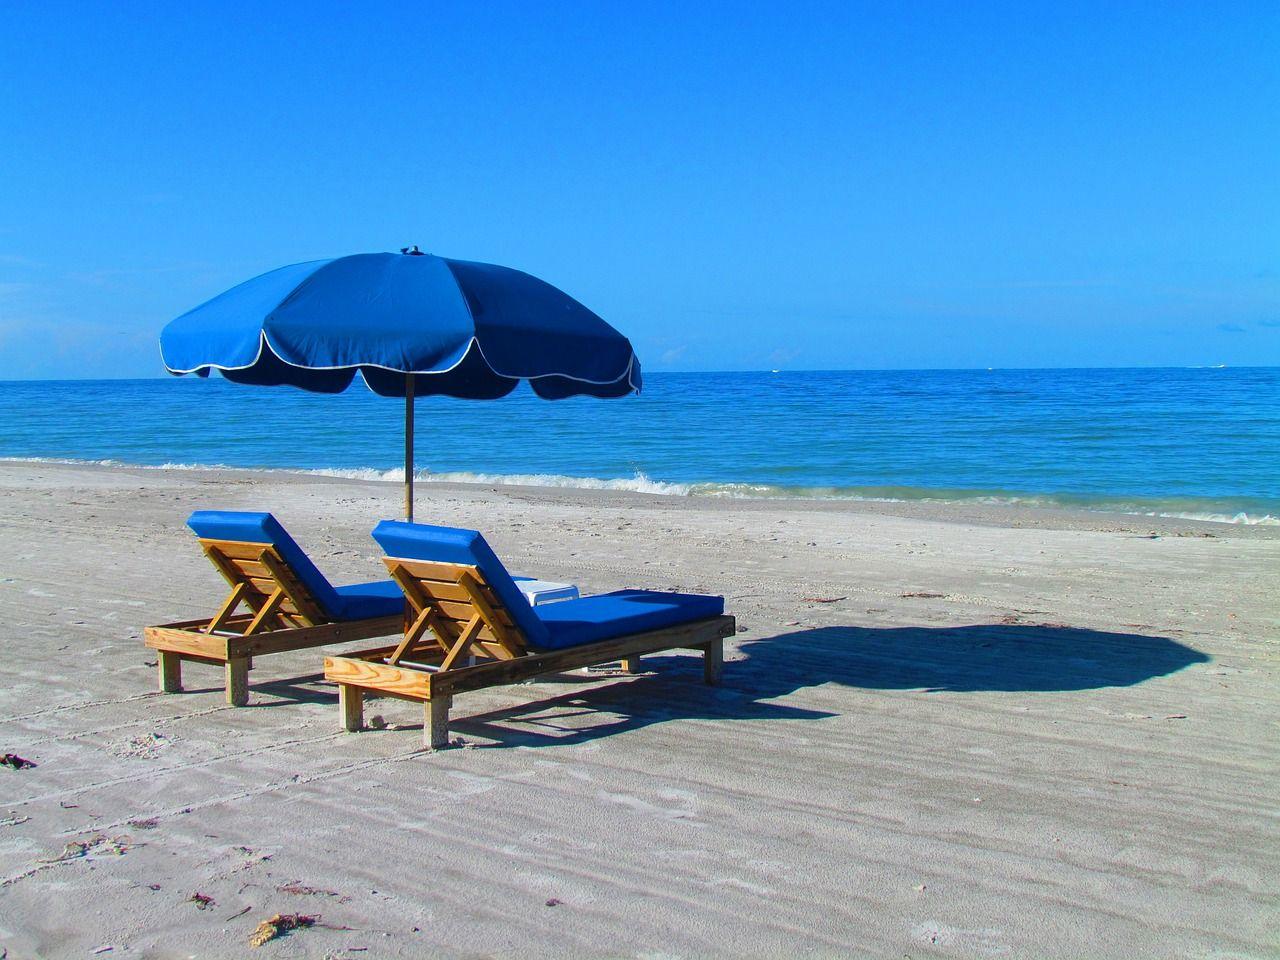 Travel, Beach, Relax, Chair, Umbrella, Ocean travel,